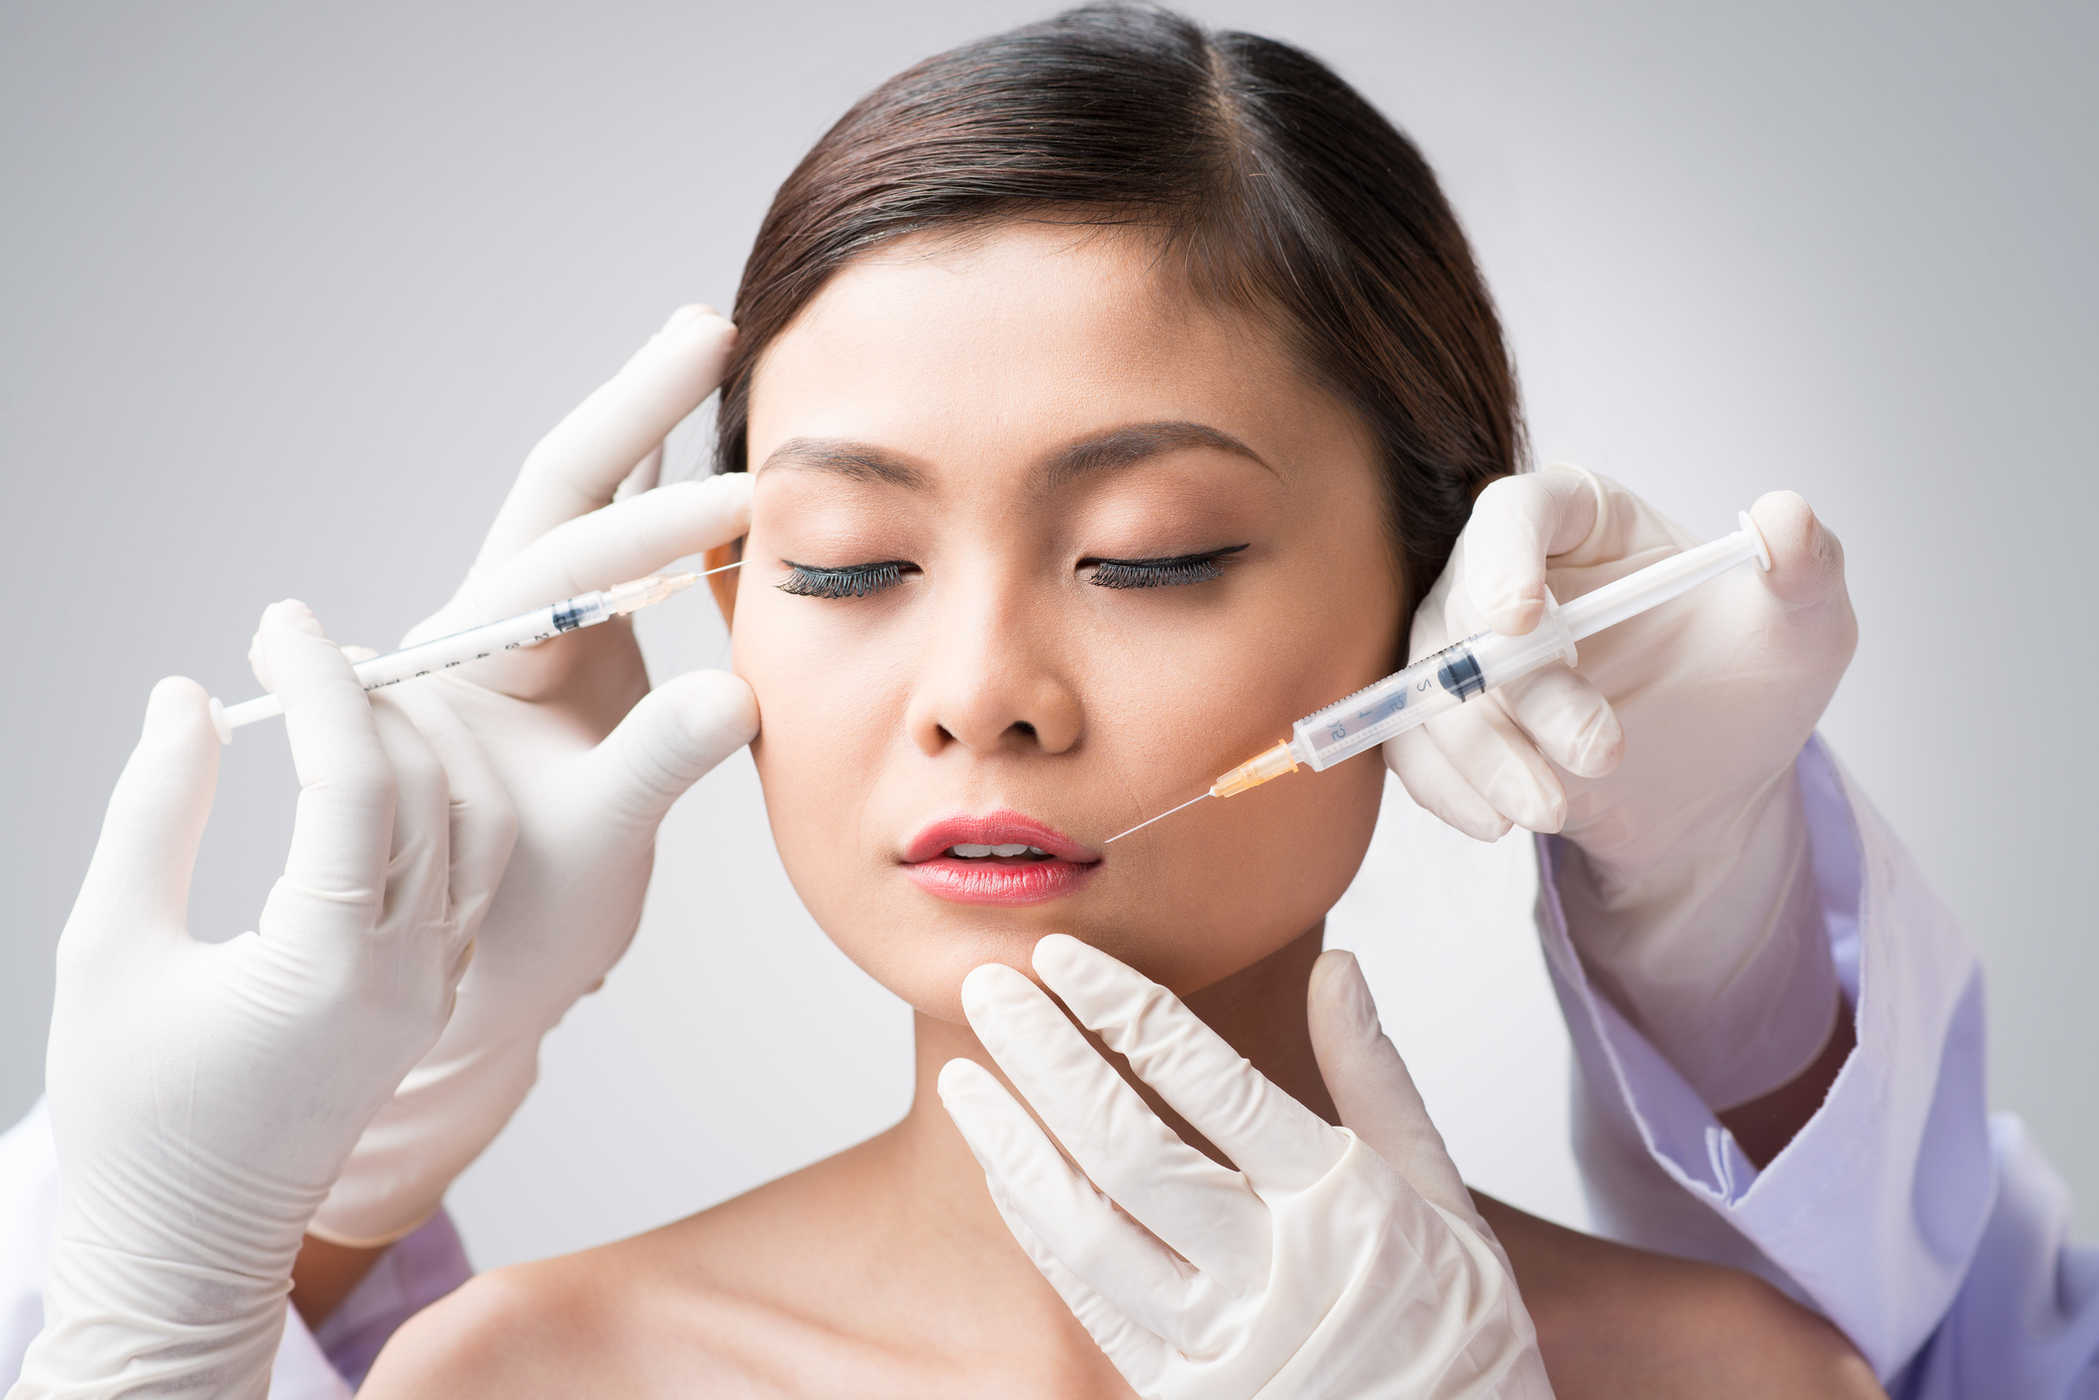 Botox không thực sự làm biến mất các nếp nhăn mà chỉ khiến quá trình co cơ không diễn ra trong thời gian tiêm mà thôi